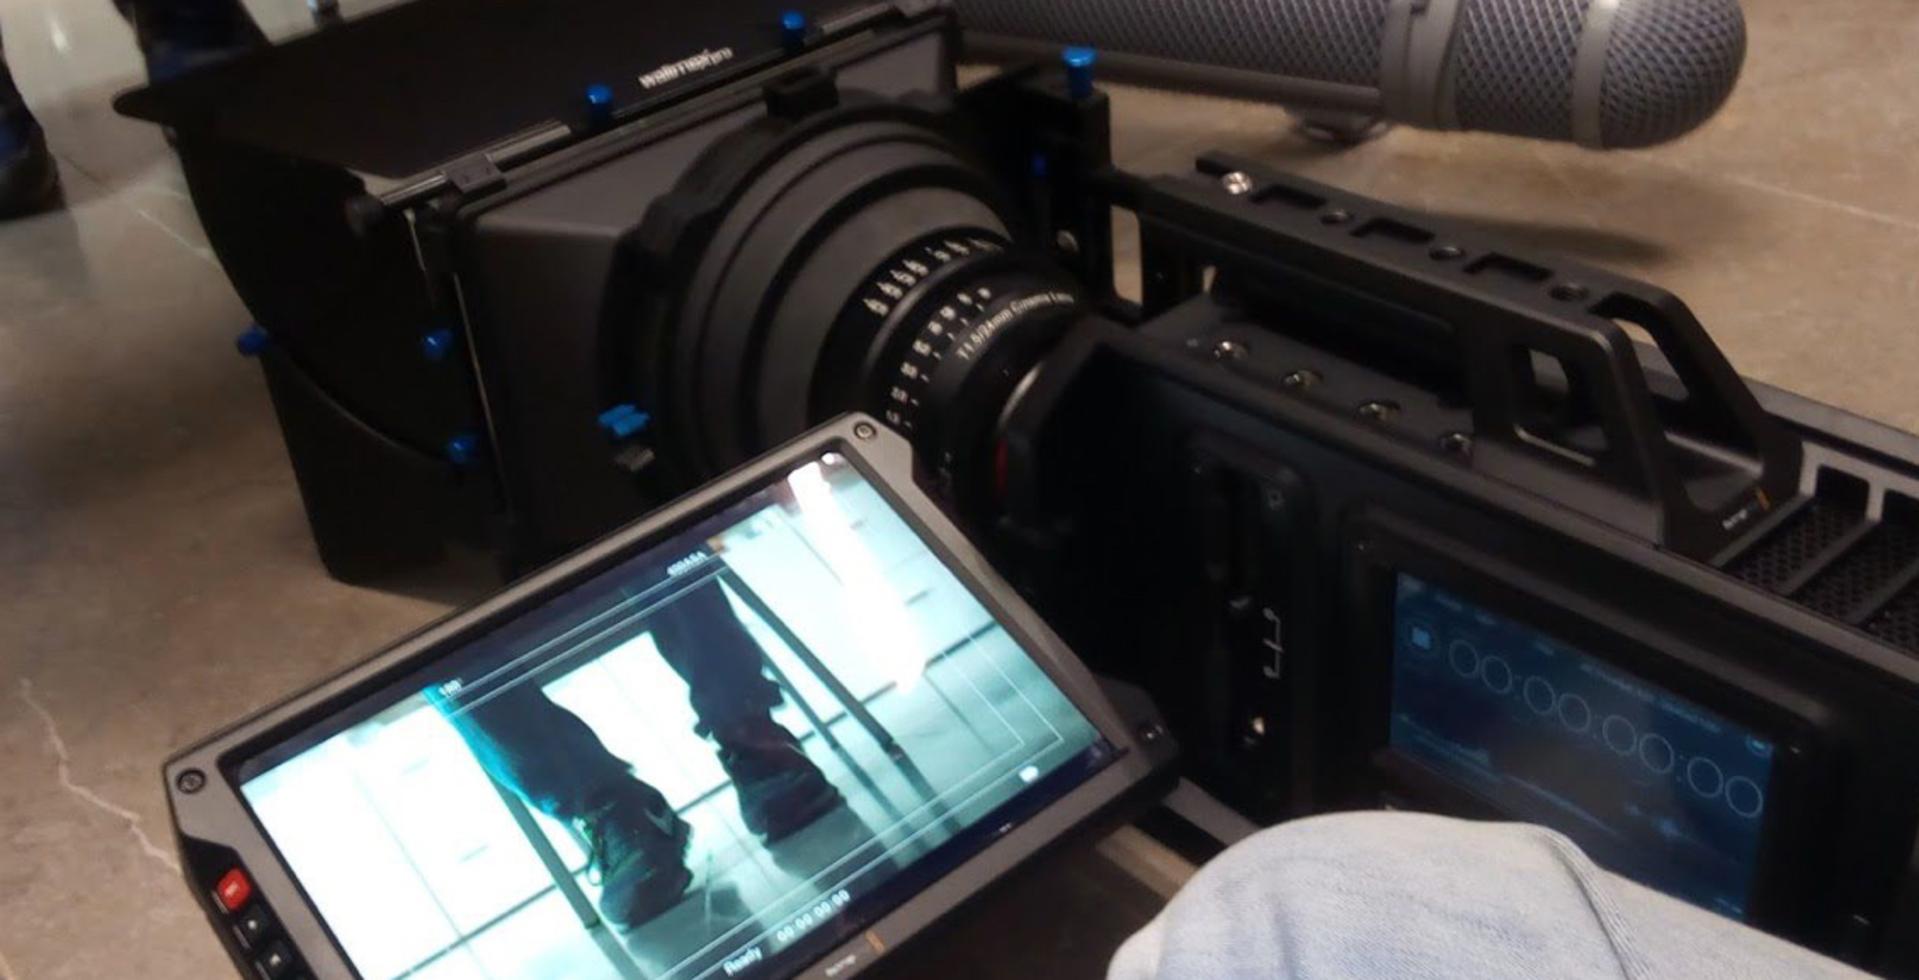 image of a camera recording a scene